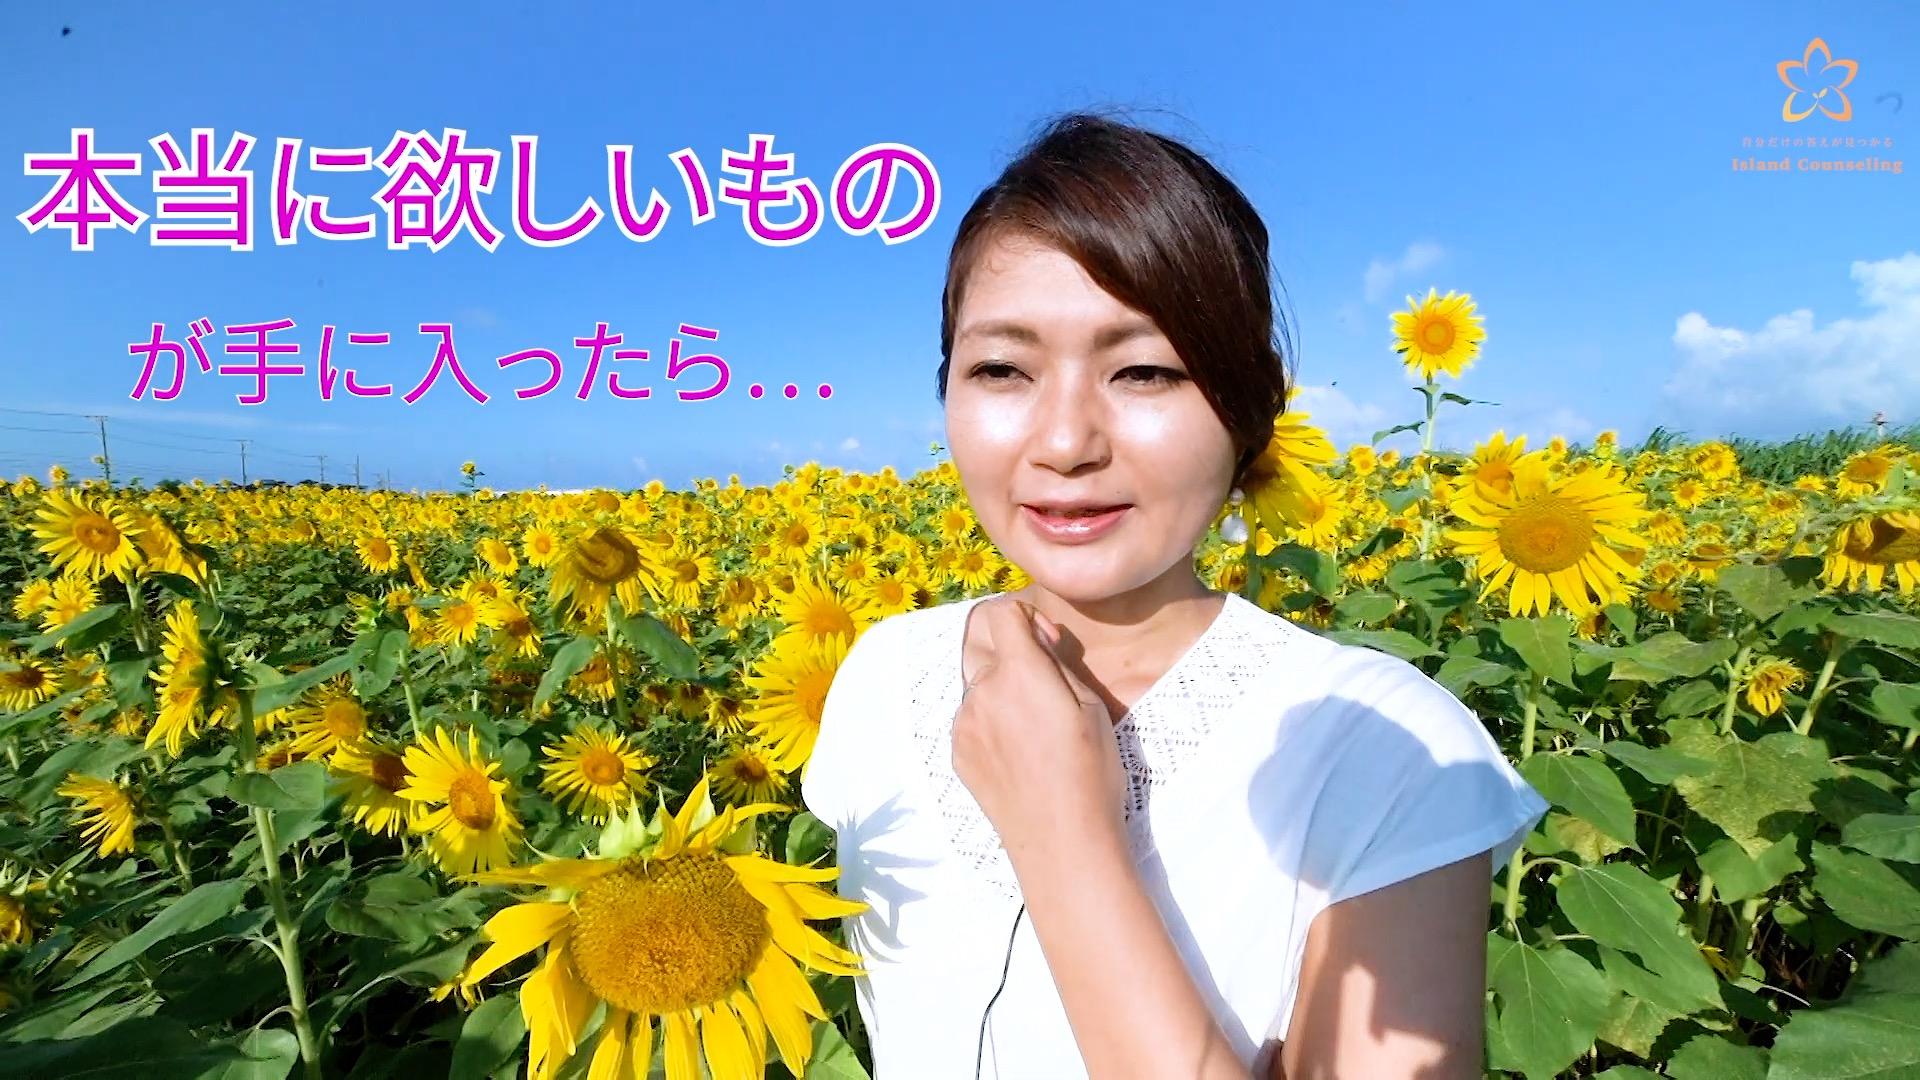 【動画】本当に欲しいものはなんですか?宮古島に移住して変わったこと